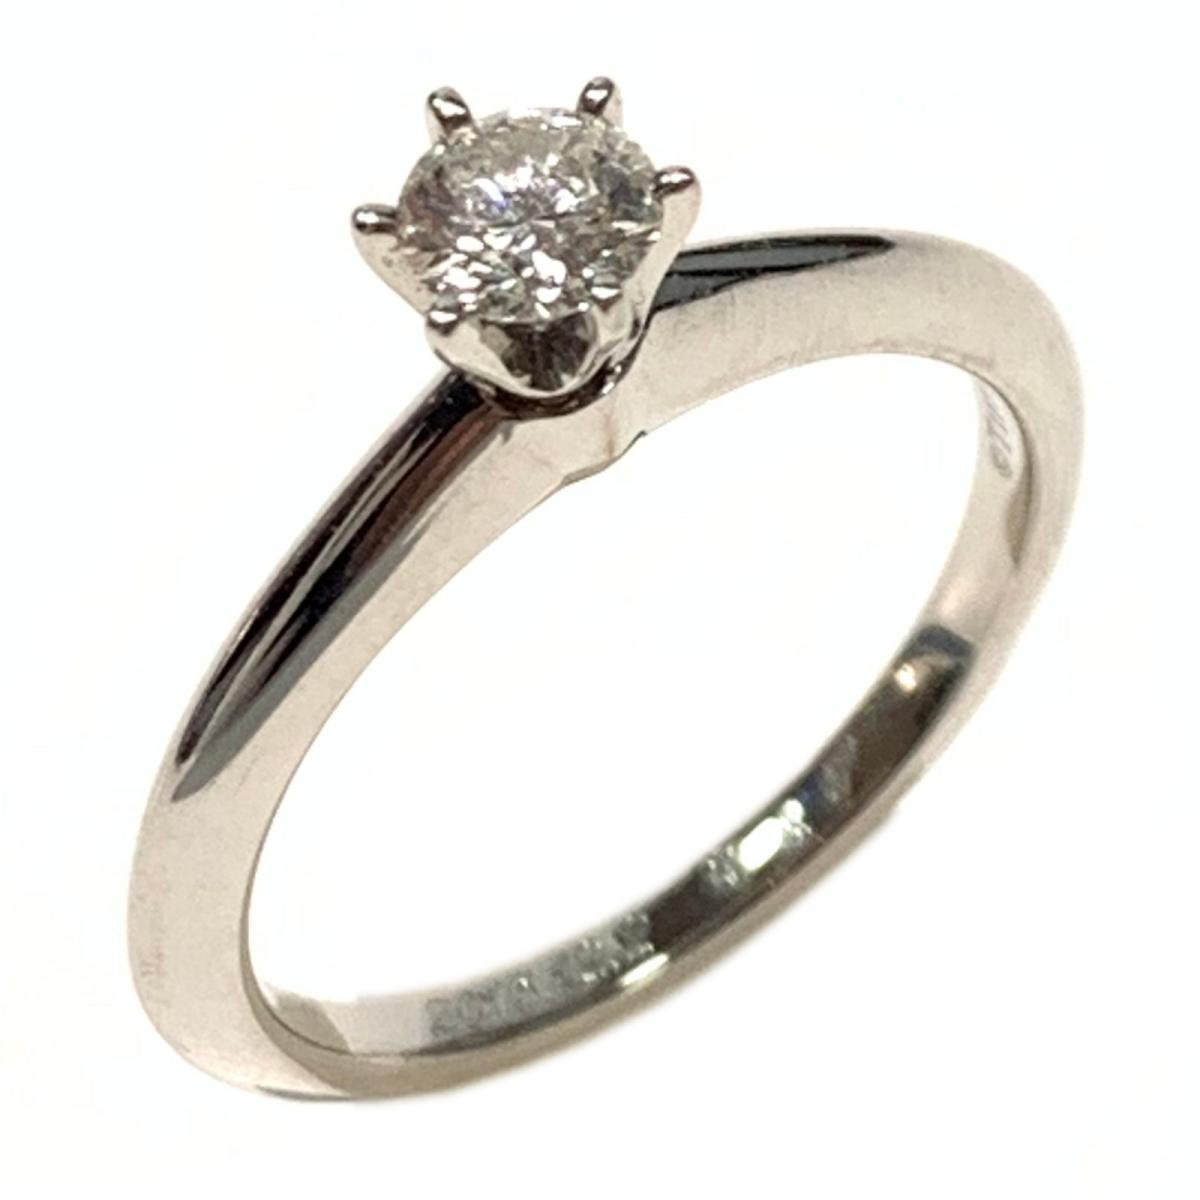 【中古】ティファニー ダイヤモンド リング 指輪 レディース PT950 プラチナ x ダイヤモンド0.23ct クリアー シルバー | TIFFANY&CO BRANDOFF ブランドオフ ブランド ジュエリー アクセサリー